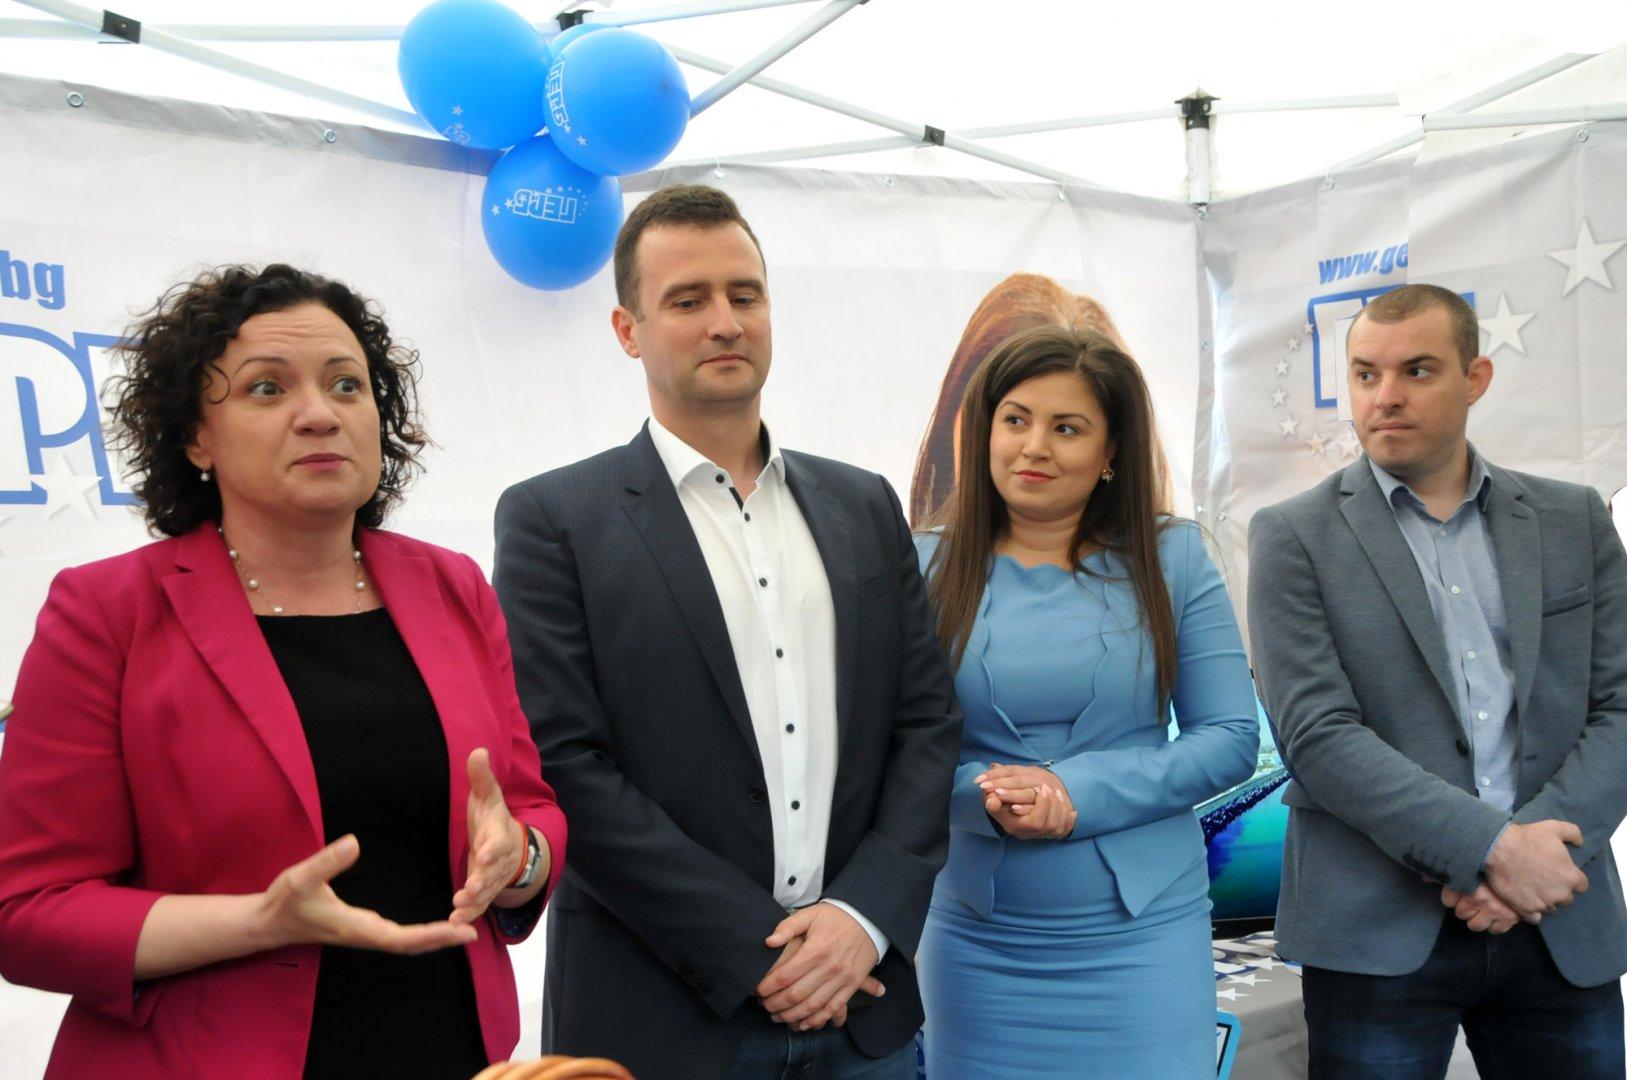 Ивелина Василева (вляво) и Жечо Станков (до нея) откриха предизборната шатра. Снимка Лина Главинова